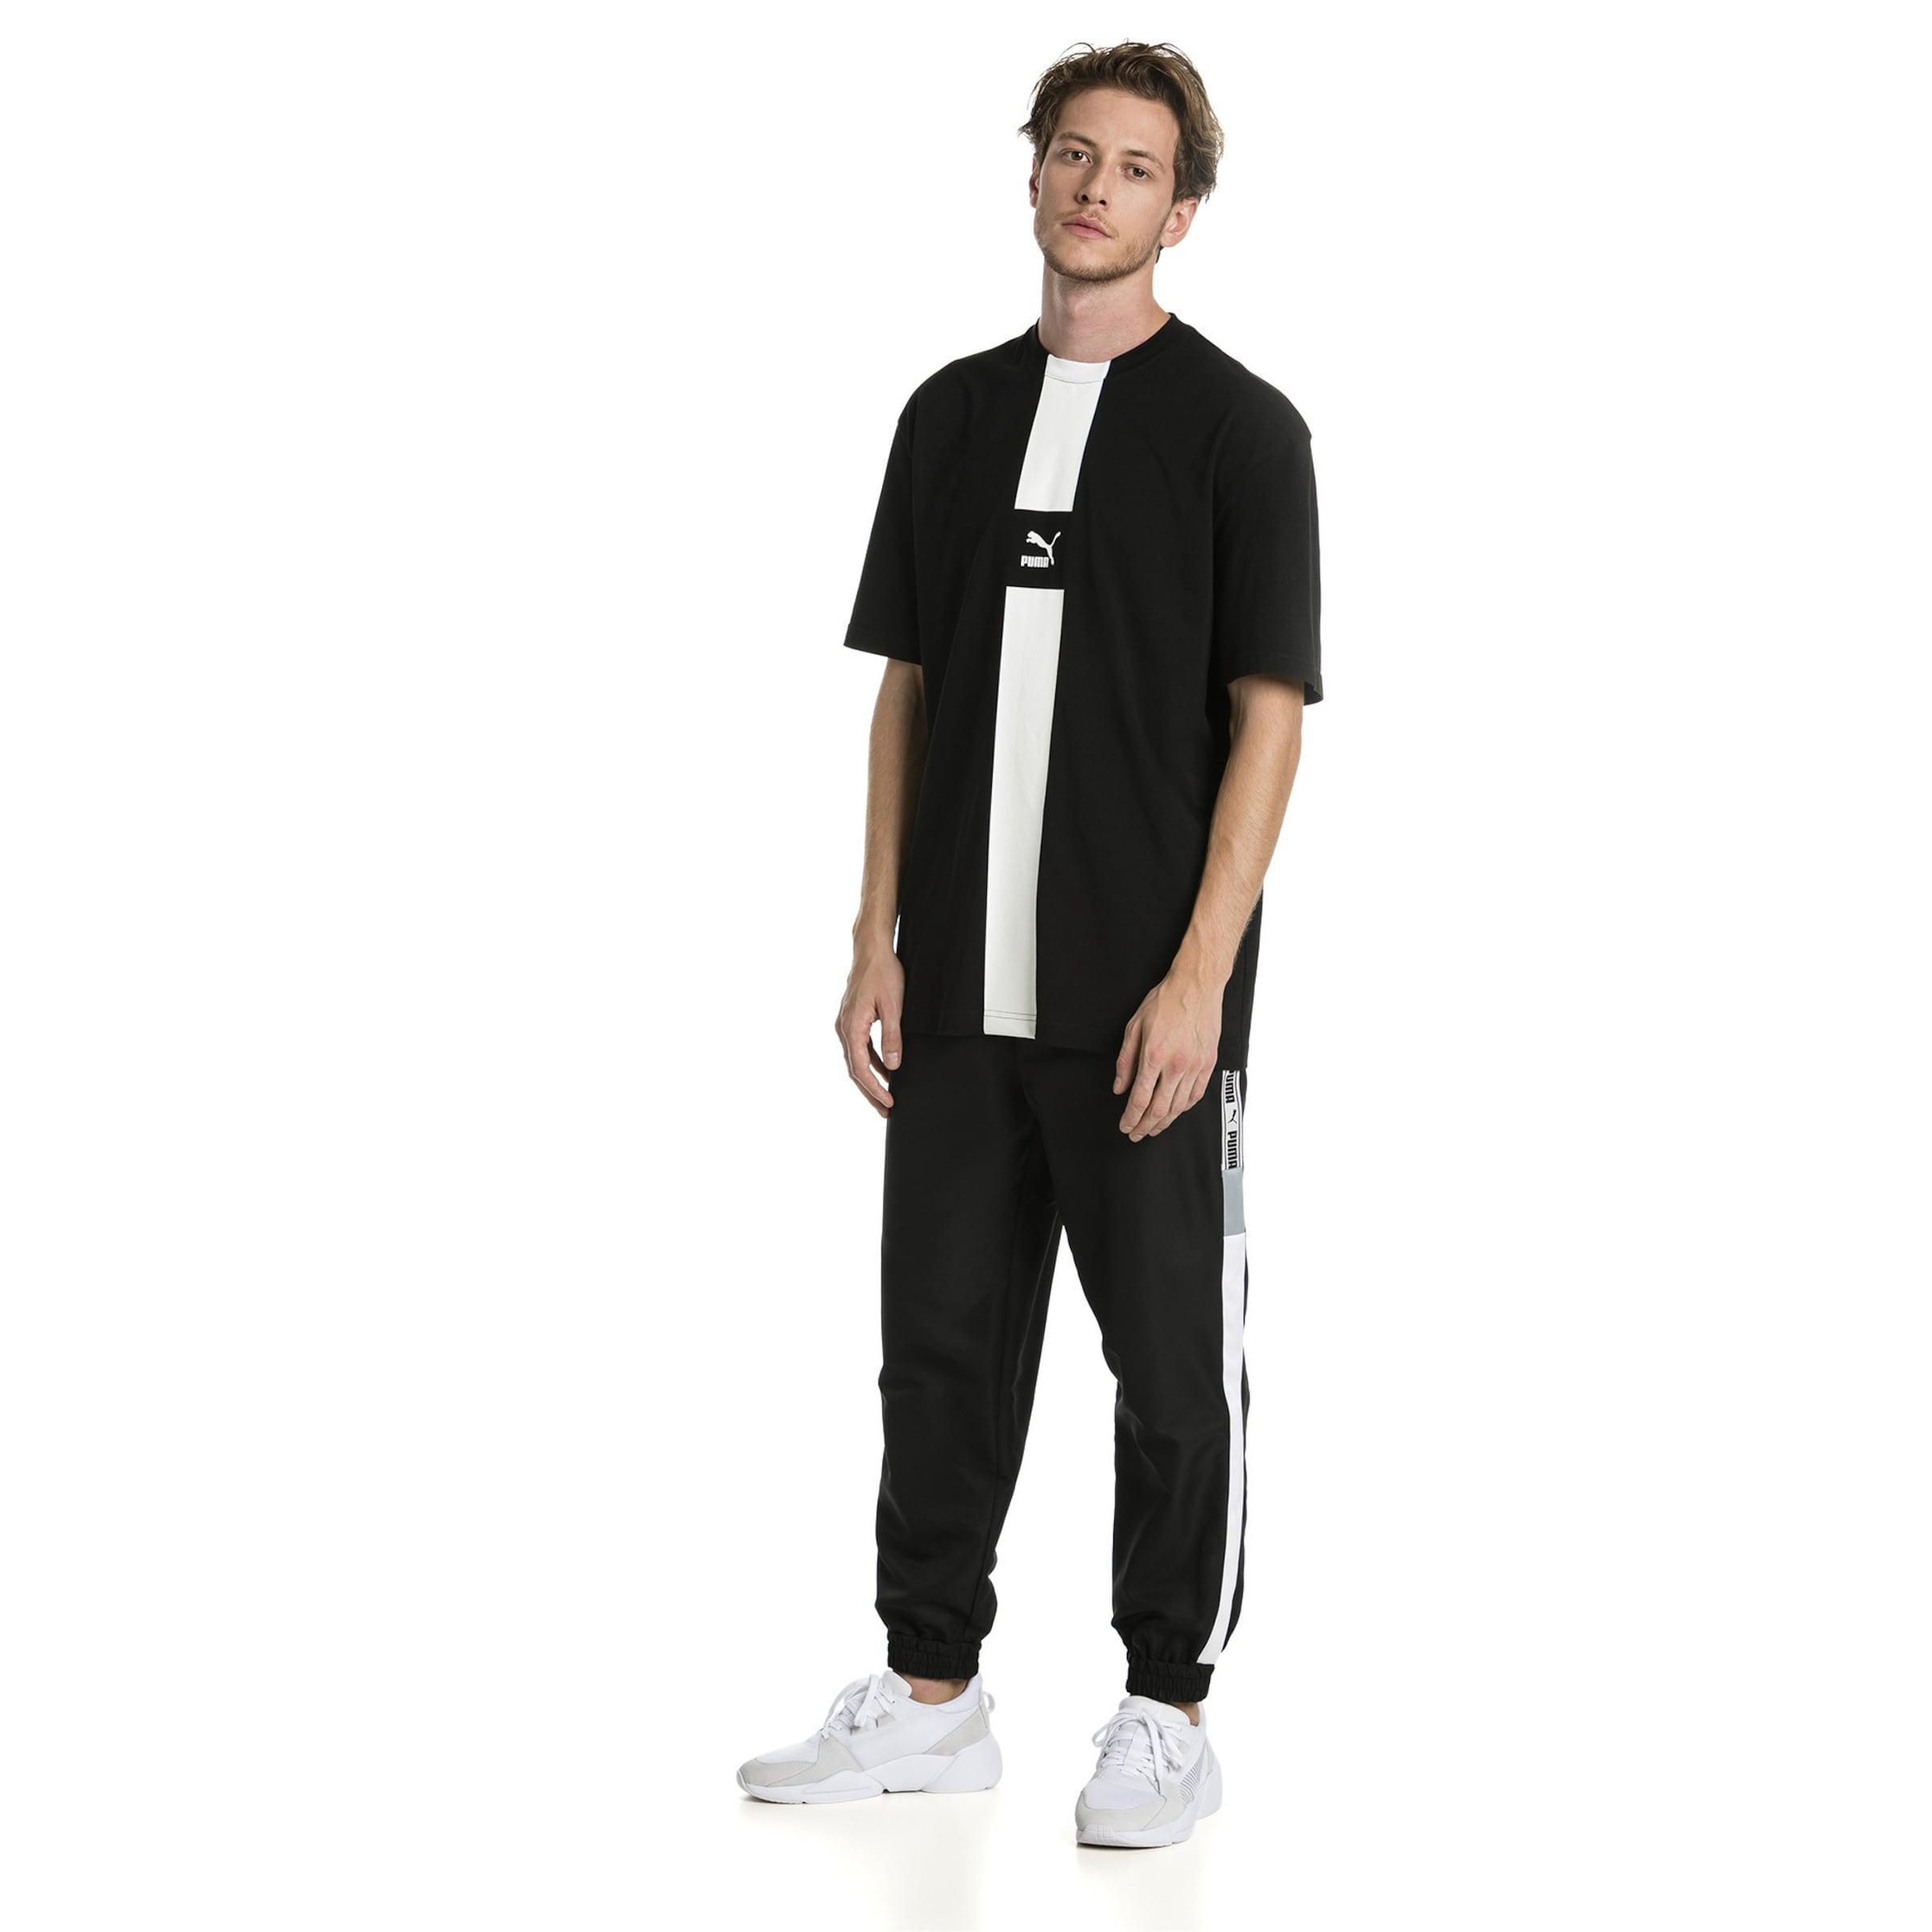 T 'xtg' SchwarzWeiß Puma shirt In XiPOuTZk